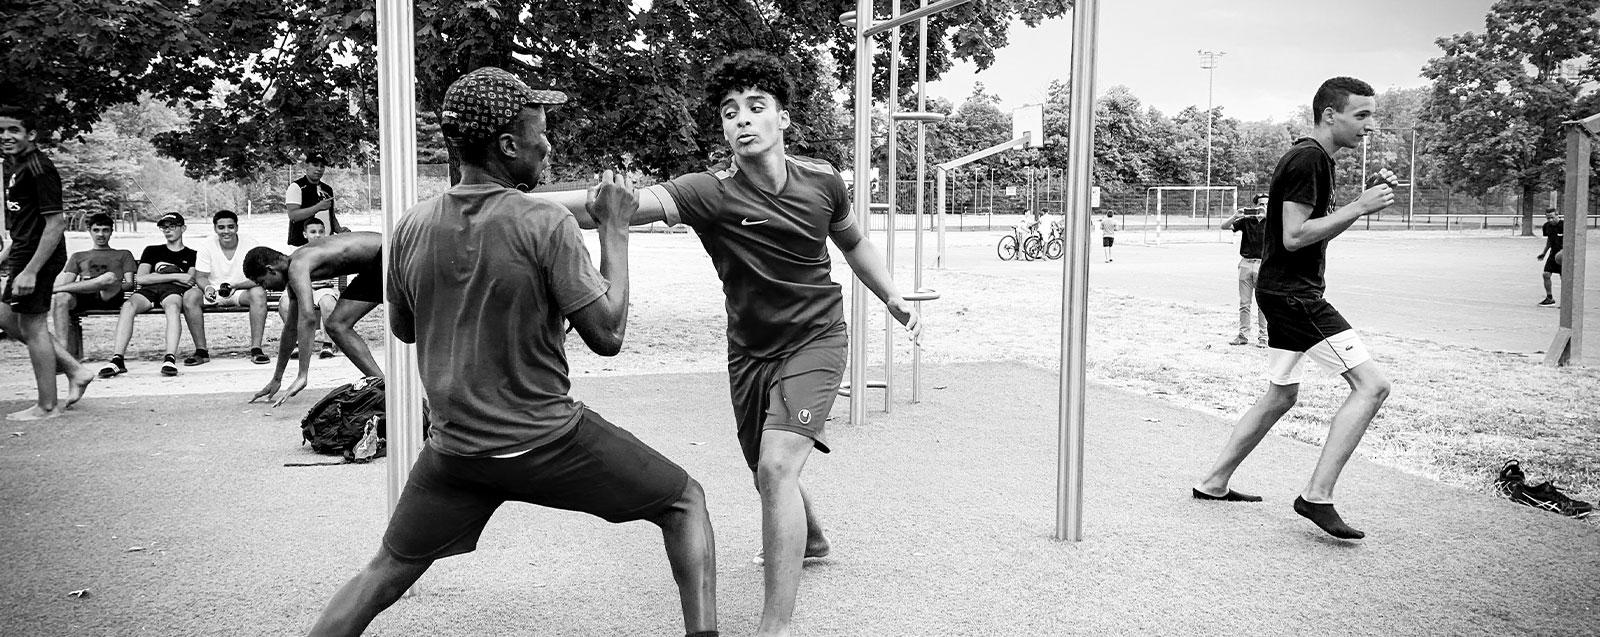 Nouveauté ! Il va y'avoir du sport 2020 - © Mairie de Villefontaine